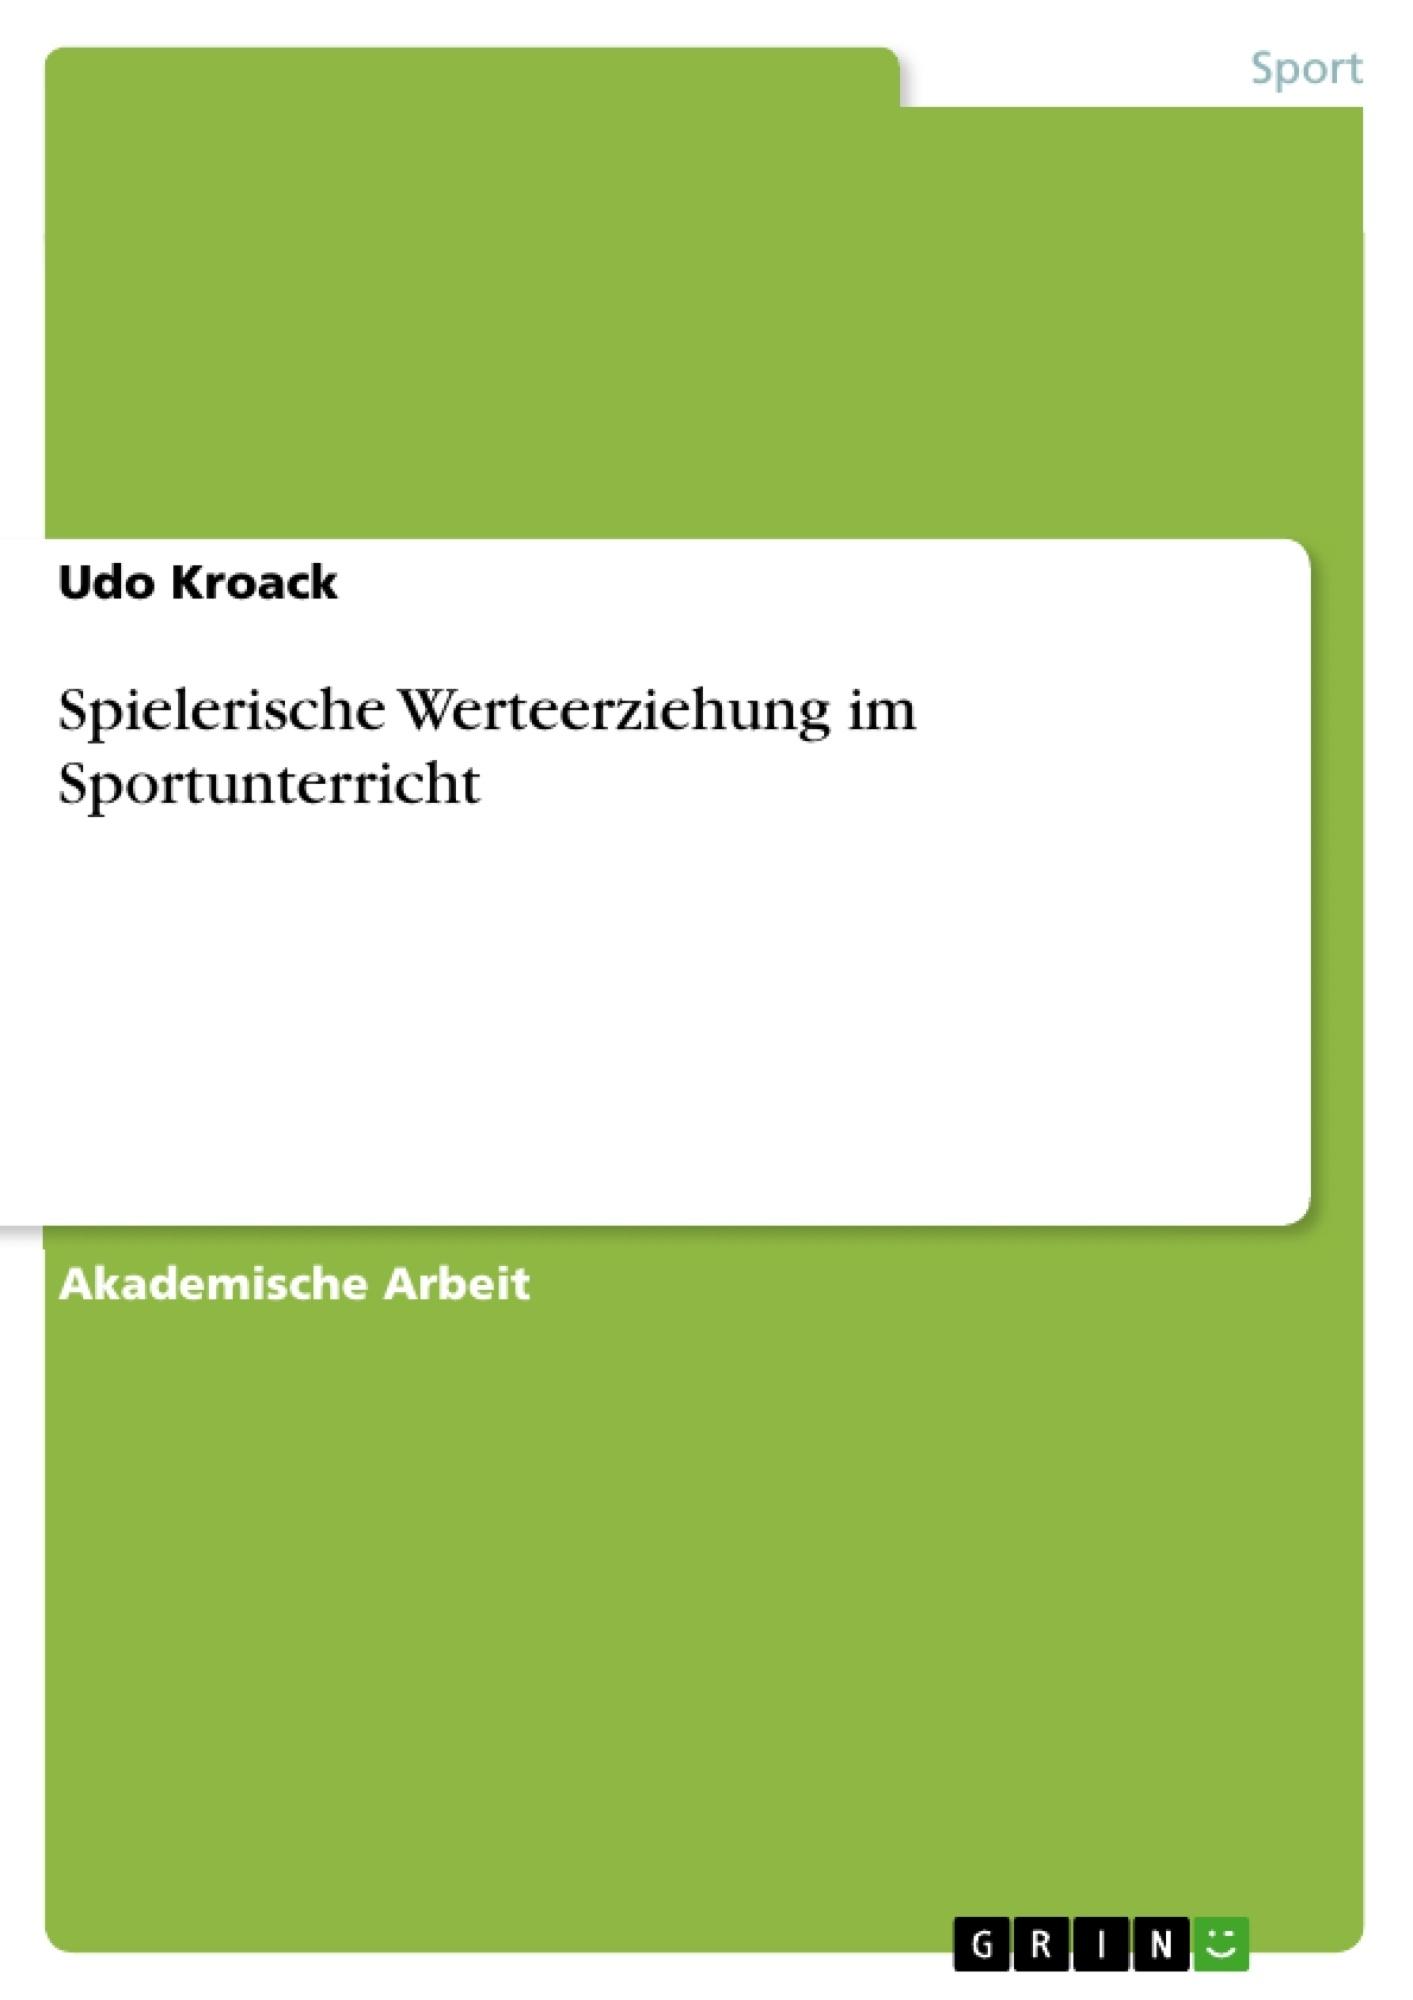 Titel: Spielerische Werteerziehung im Sportunterricht